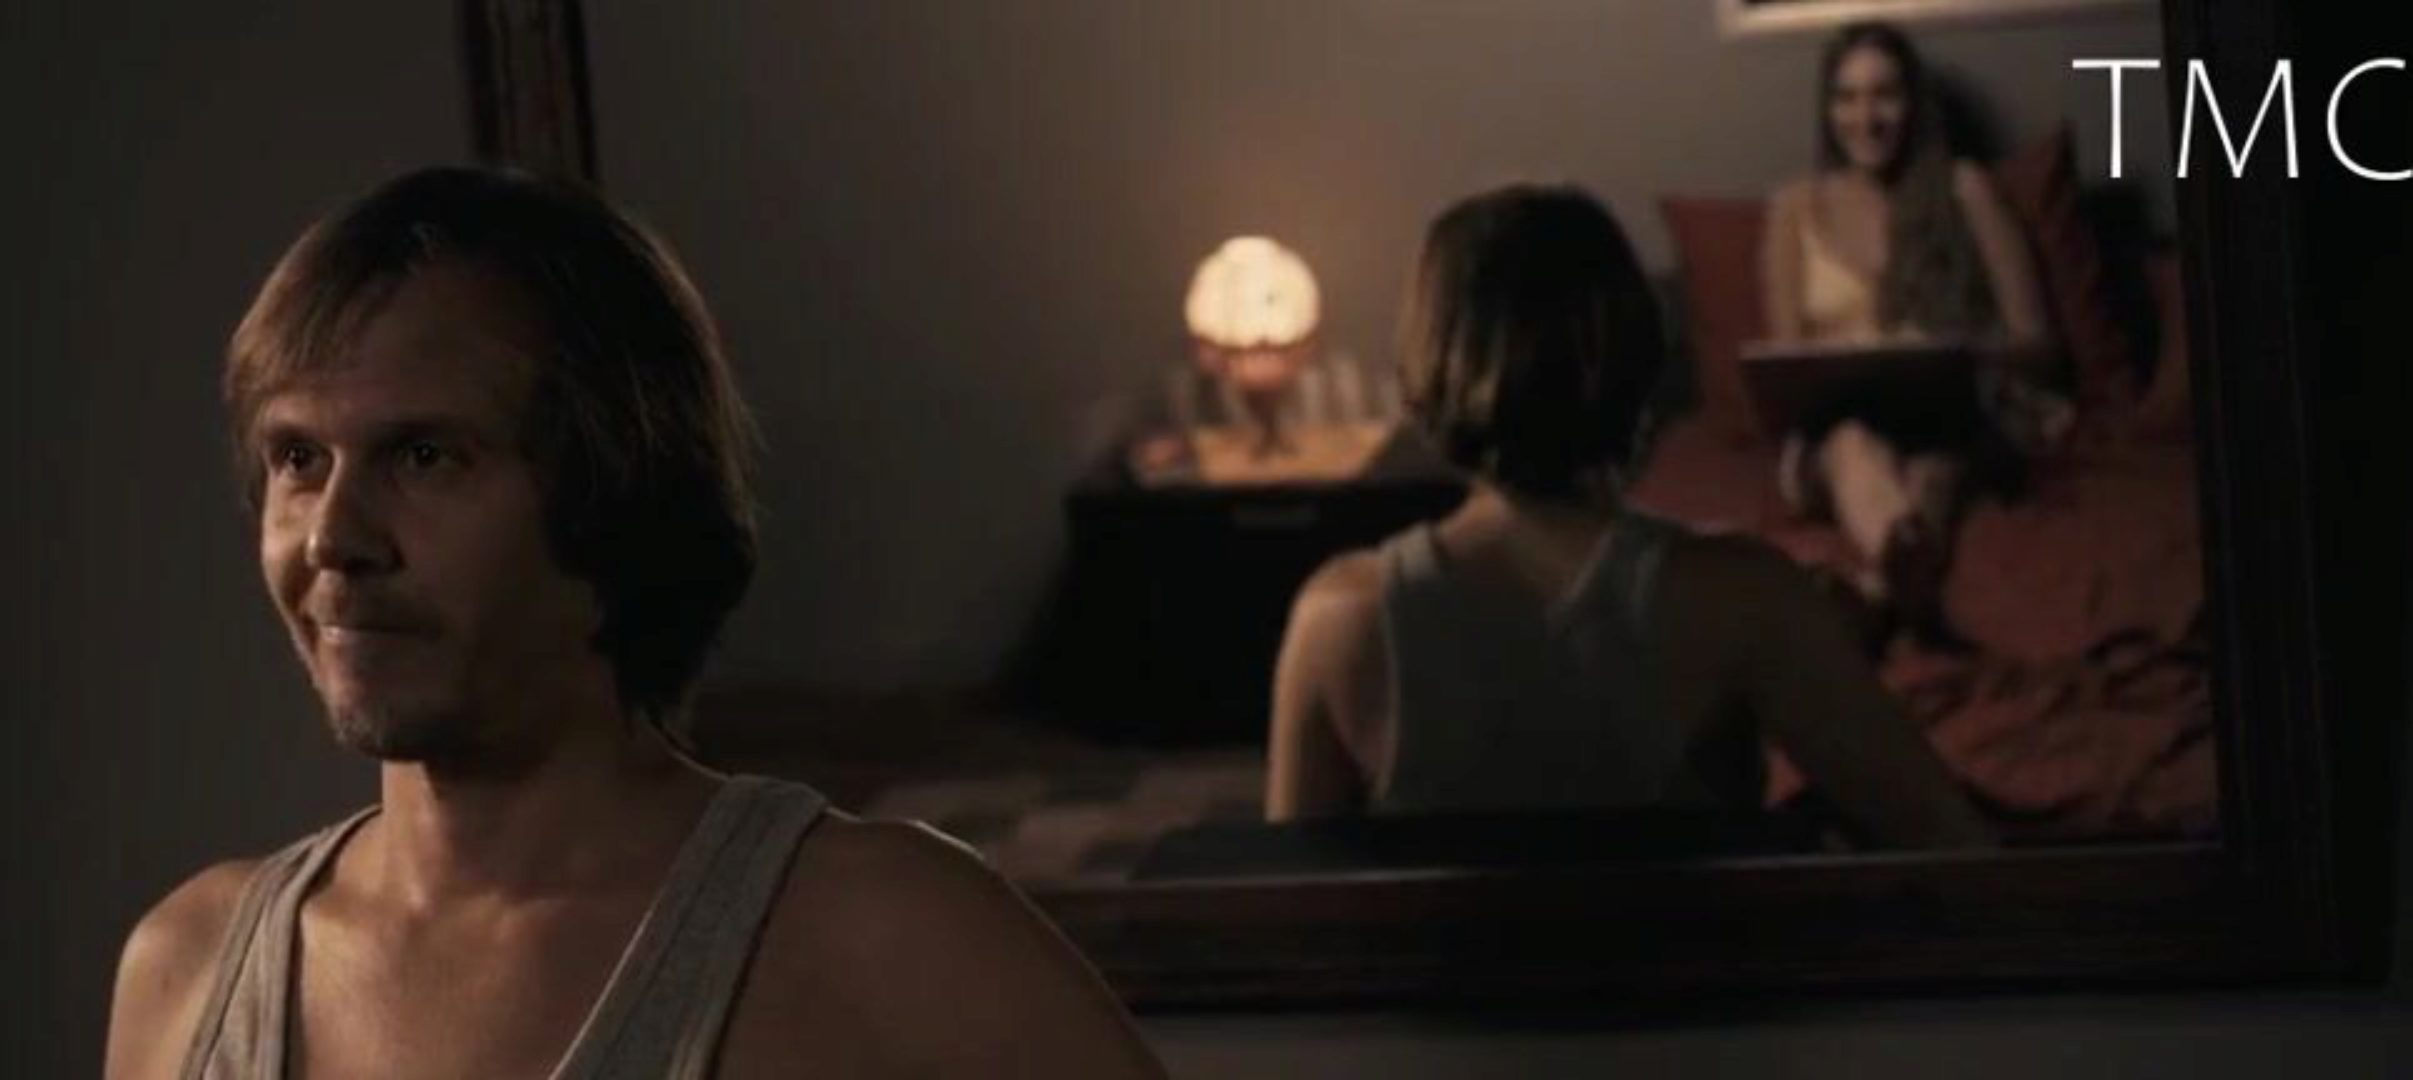 Scene film sex The 15